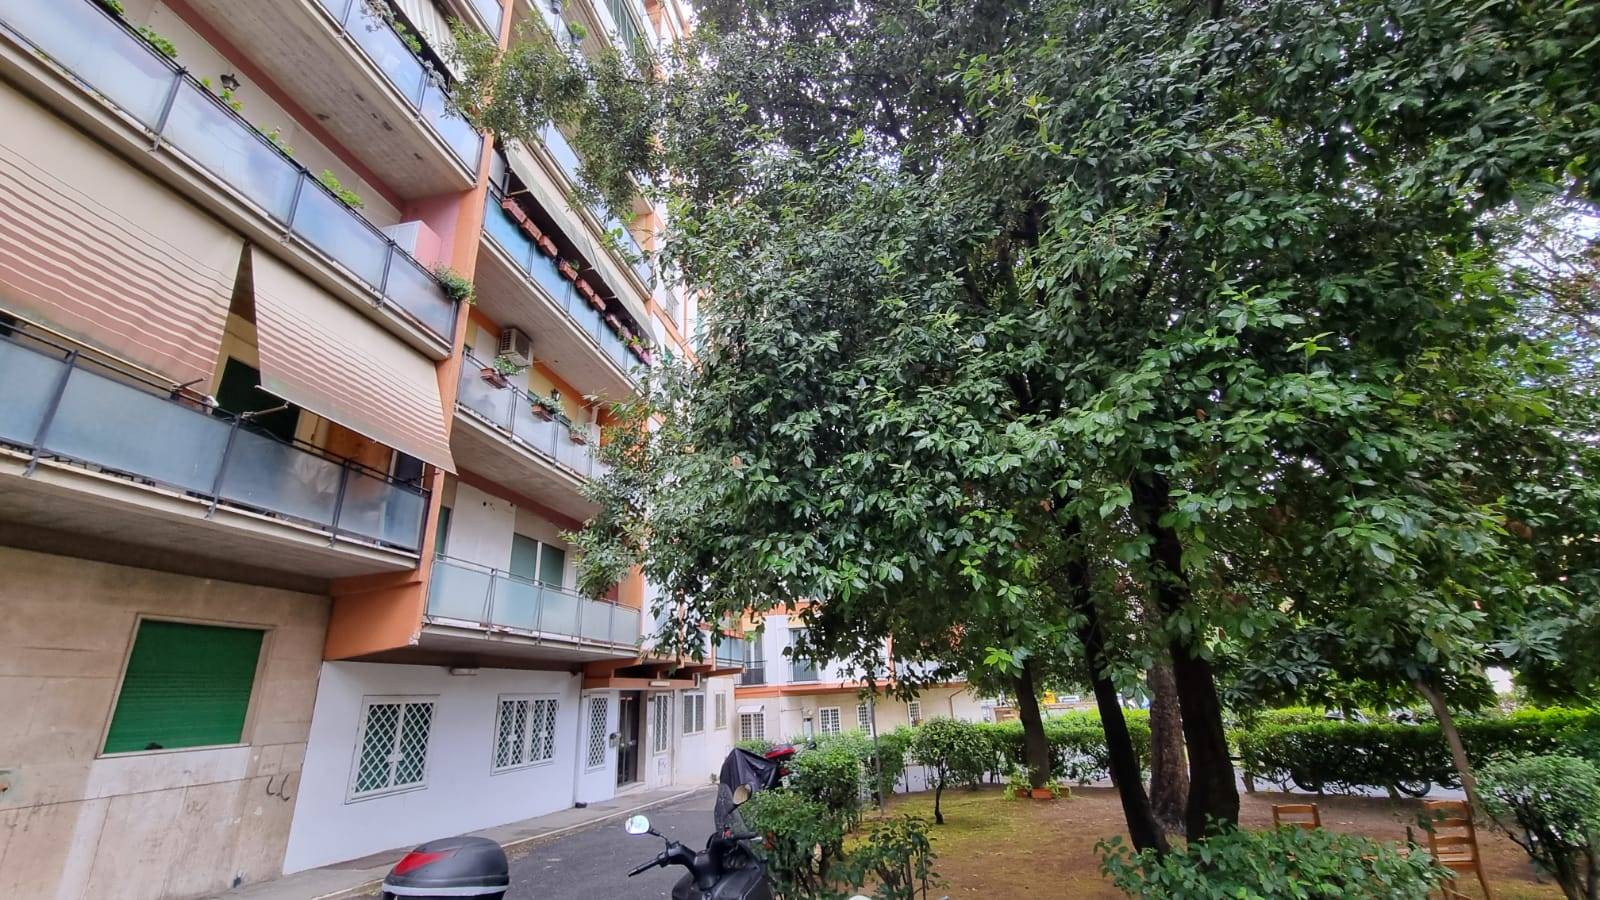 Nuovo Salario Via Monte Cervialto a pochi passi dalla Metro Ionio proponiamo in affitto delizioso appartamento di mq. 75 composto da soggiorno con